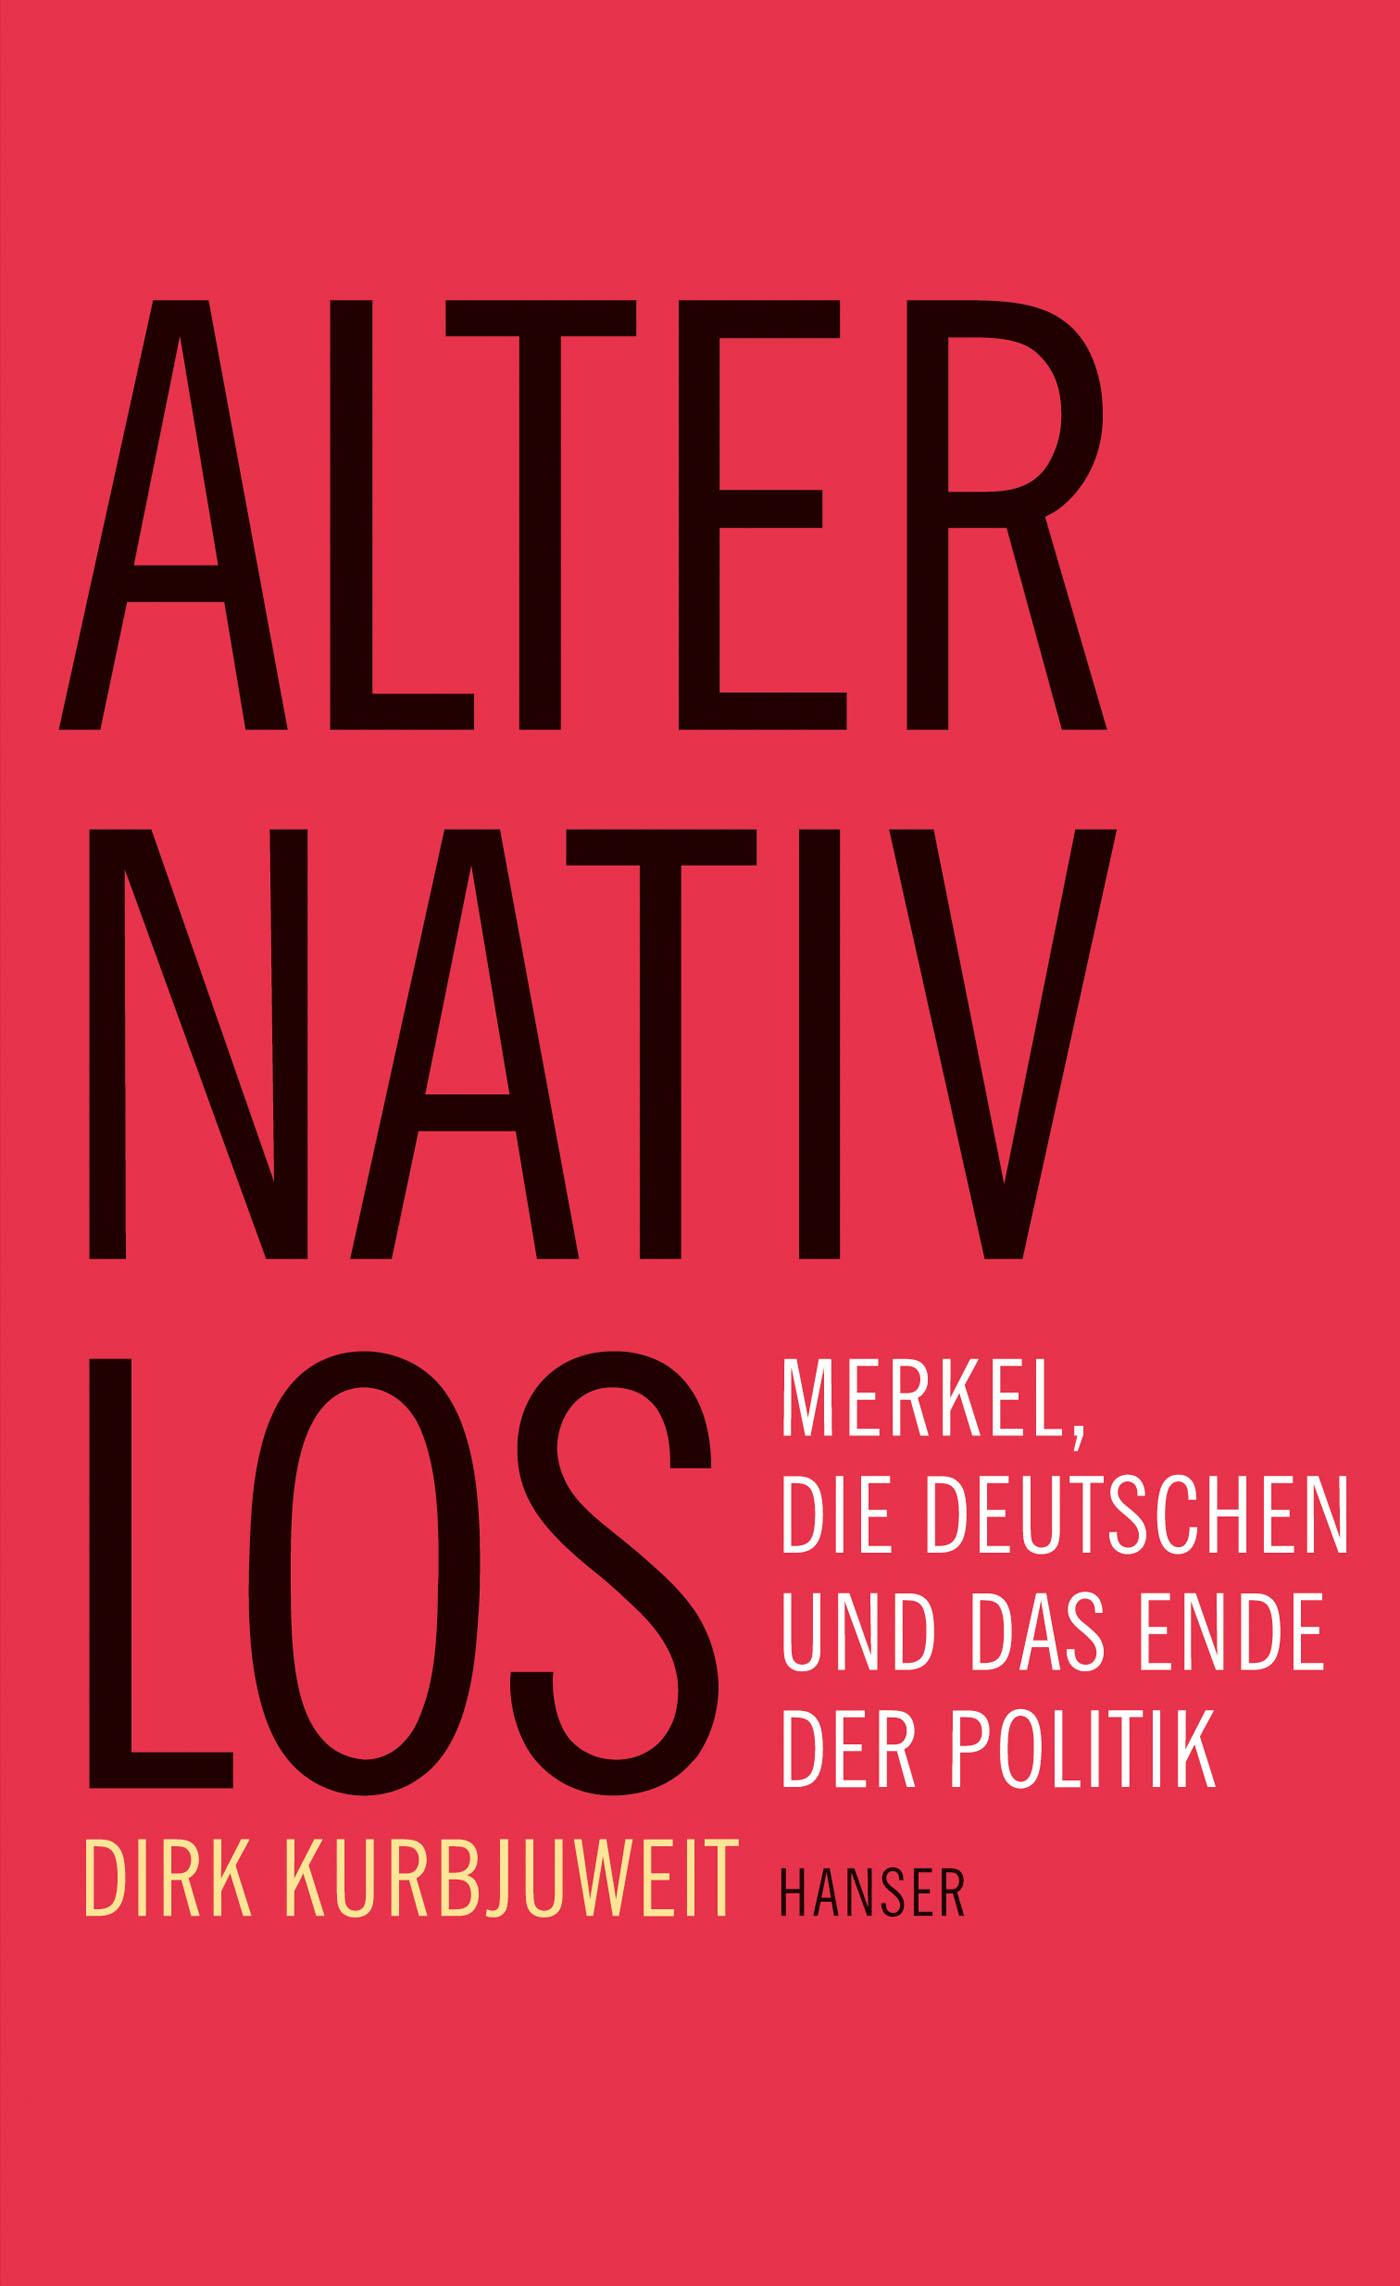 Dirk Kurbjuweit. Alternativlos. Merkel, die Deutschen und das Ende der Politik